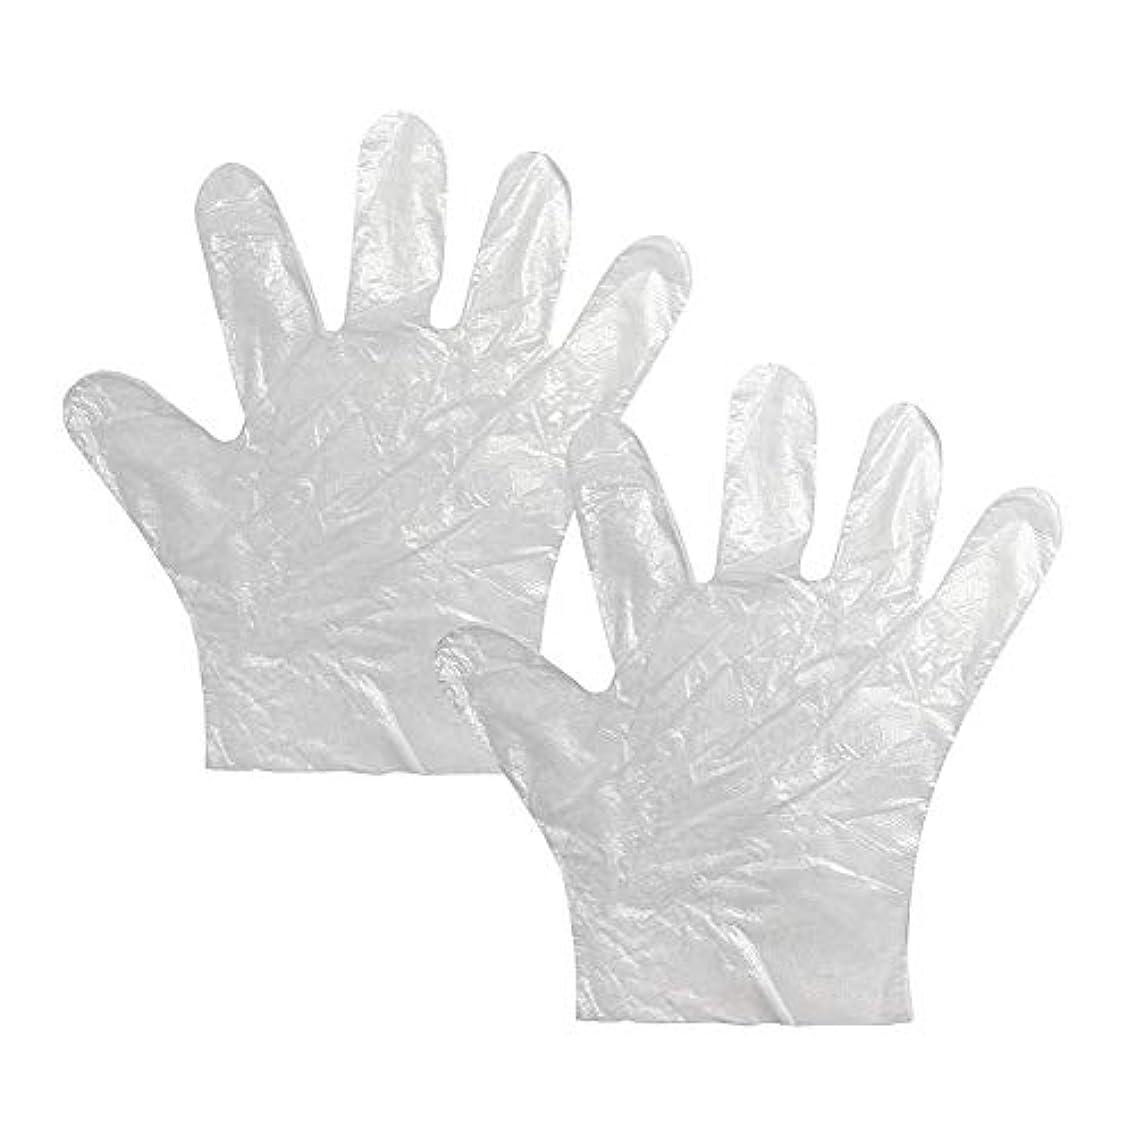 電化する歌手トランスペアレント使い捨て手袋 極薄ビニール手袋 耐久性が強い上に軽く高品質 透明100枚*2セット